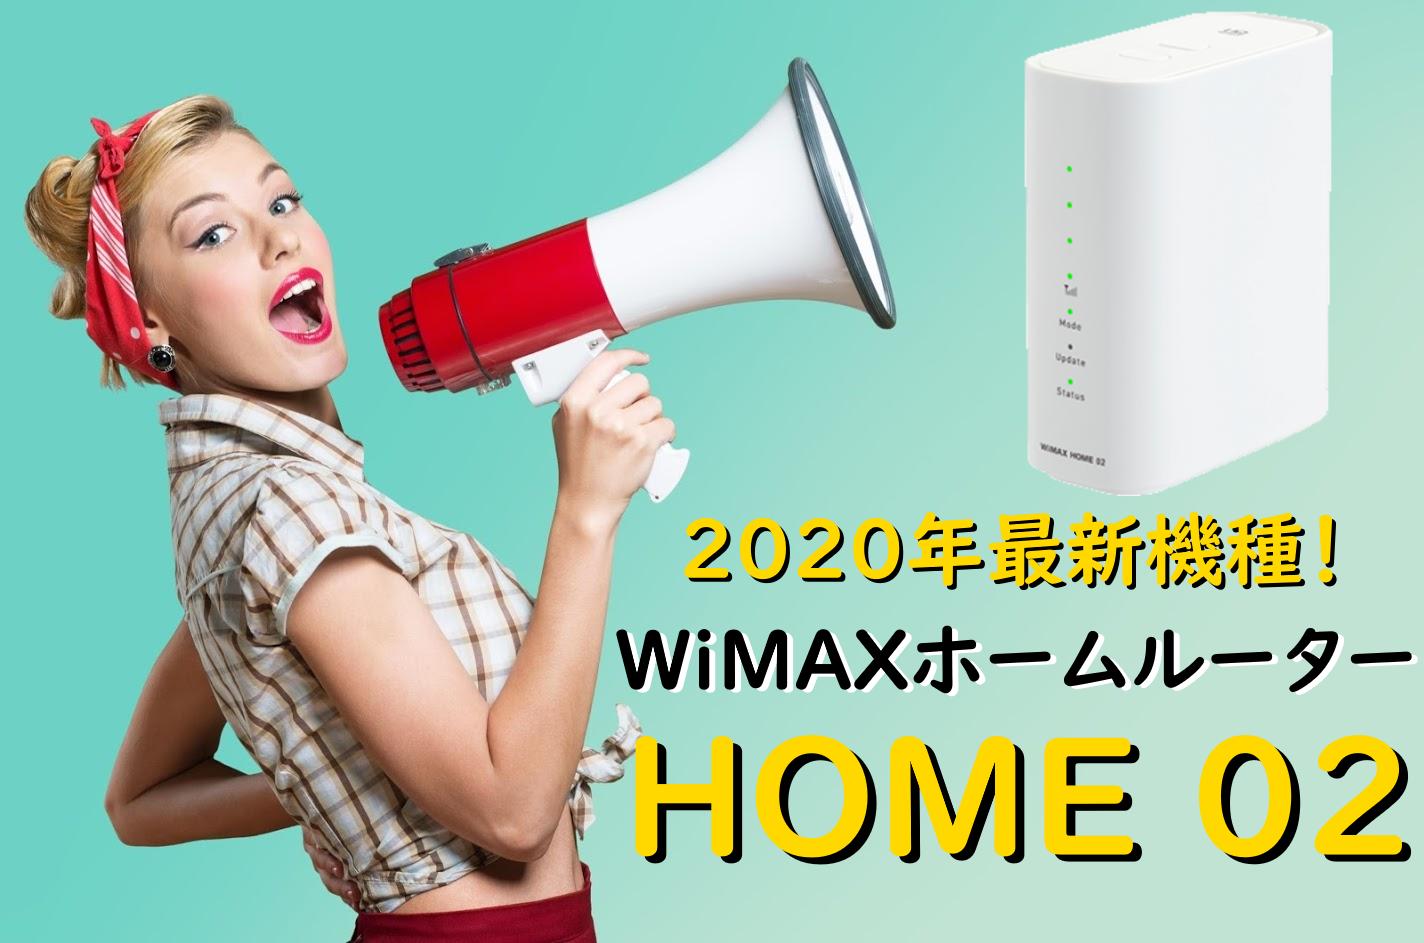 【比較】WiMAXホームルーターHOME 02とL02でおすすめはどっち?